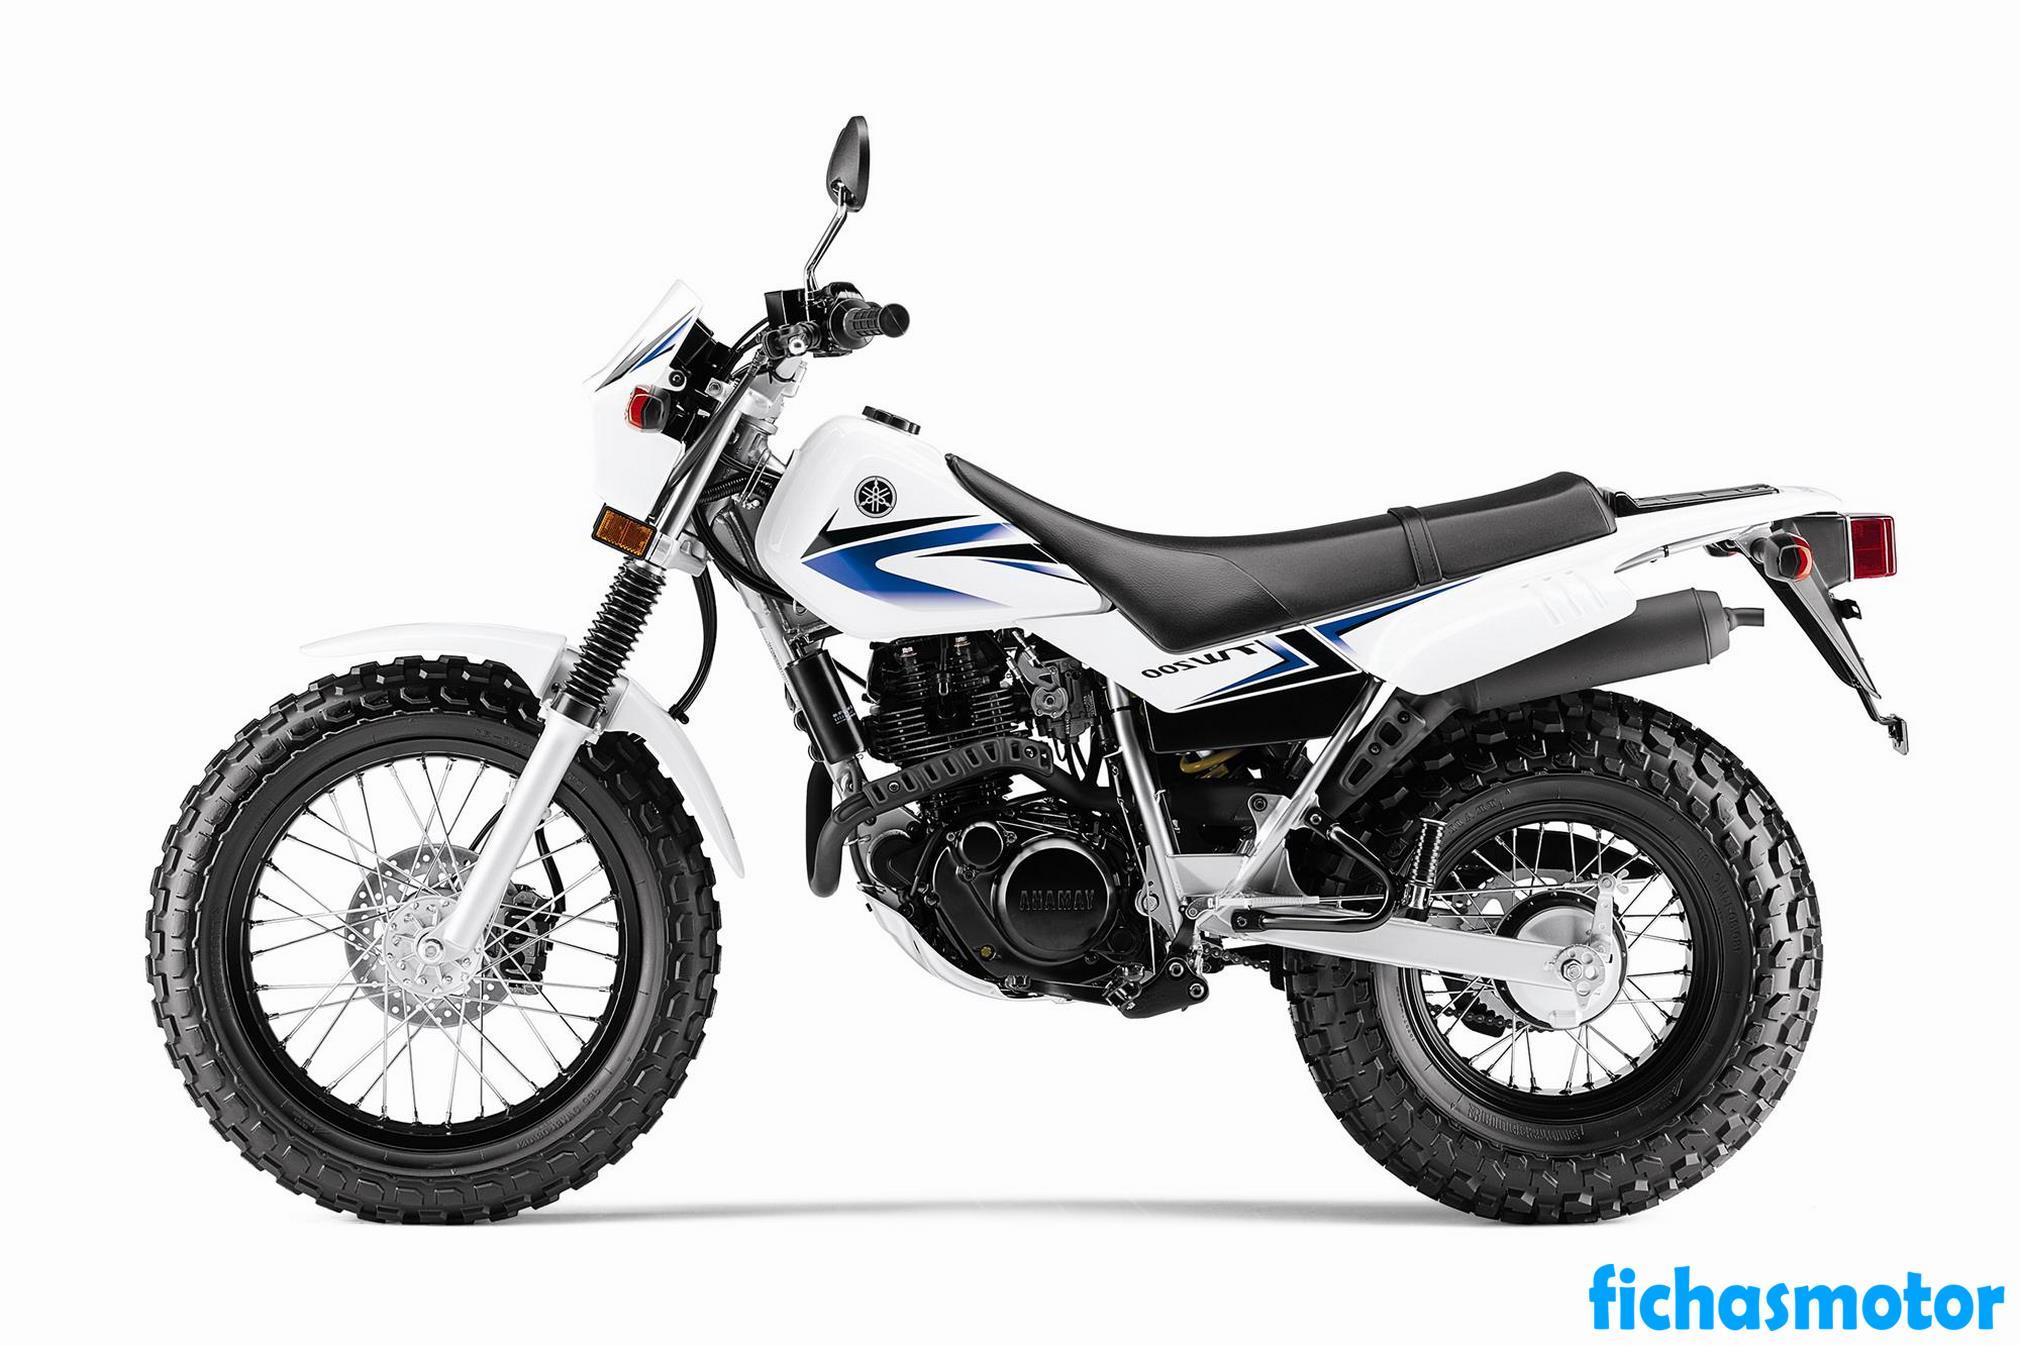 Ficha técnica Yamaha tw200 2012